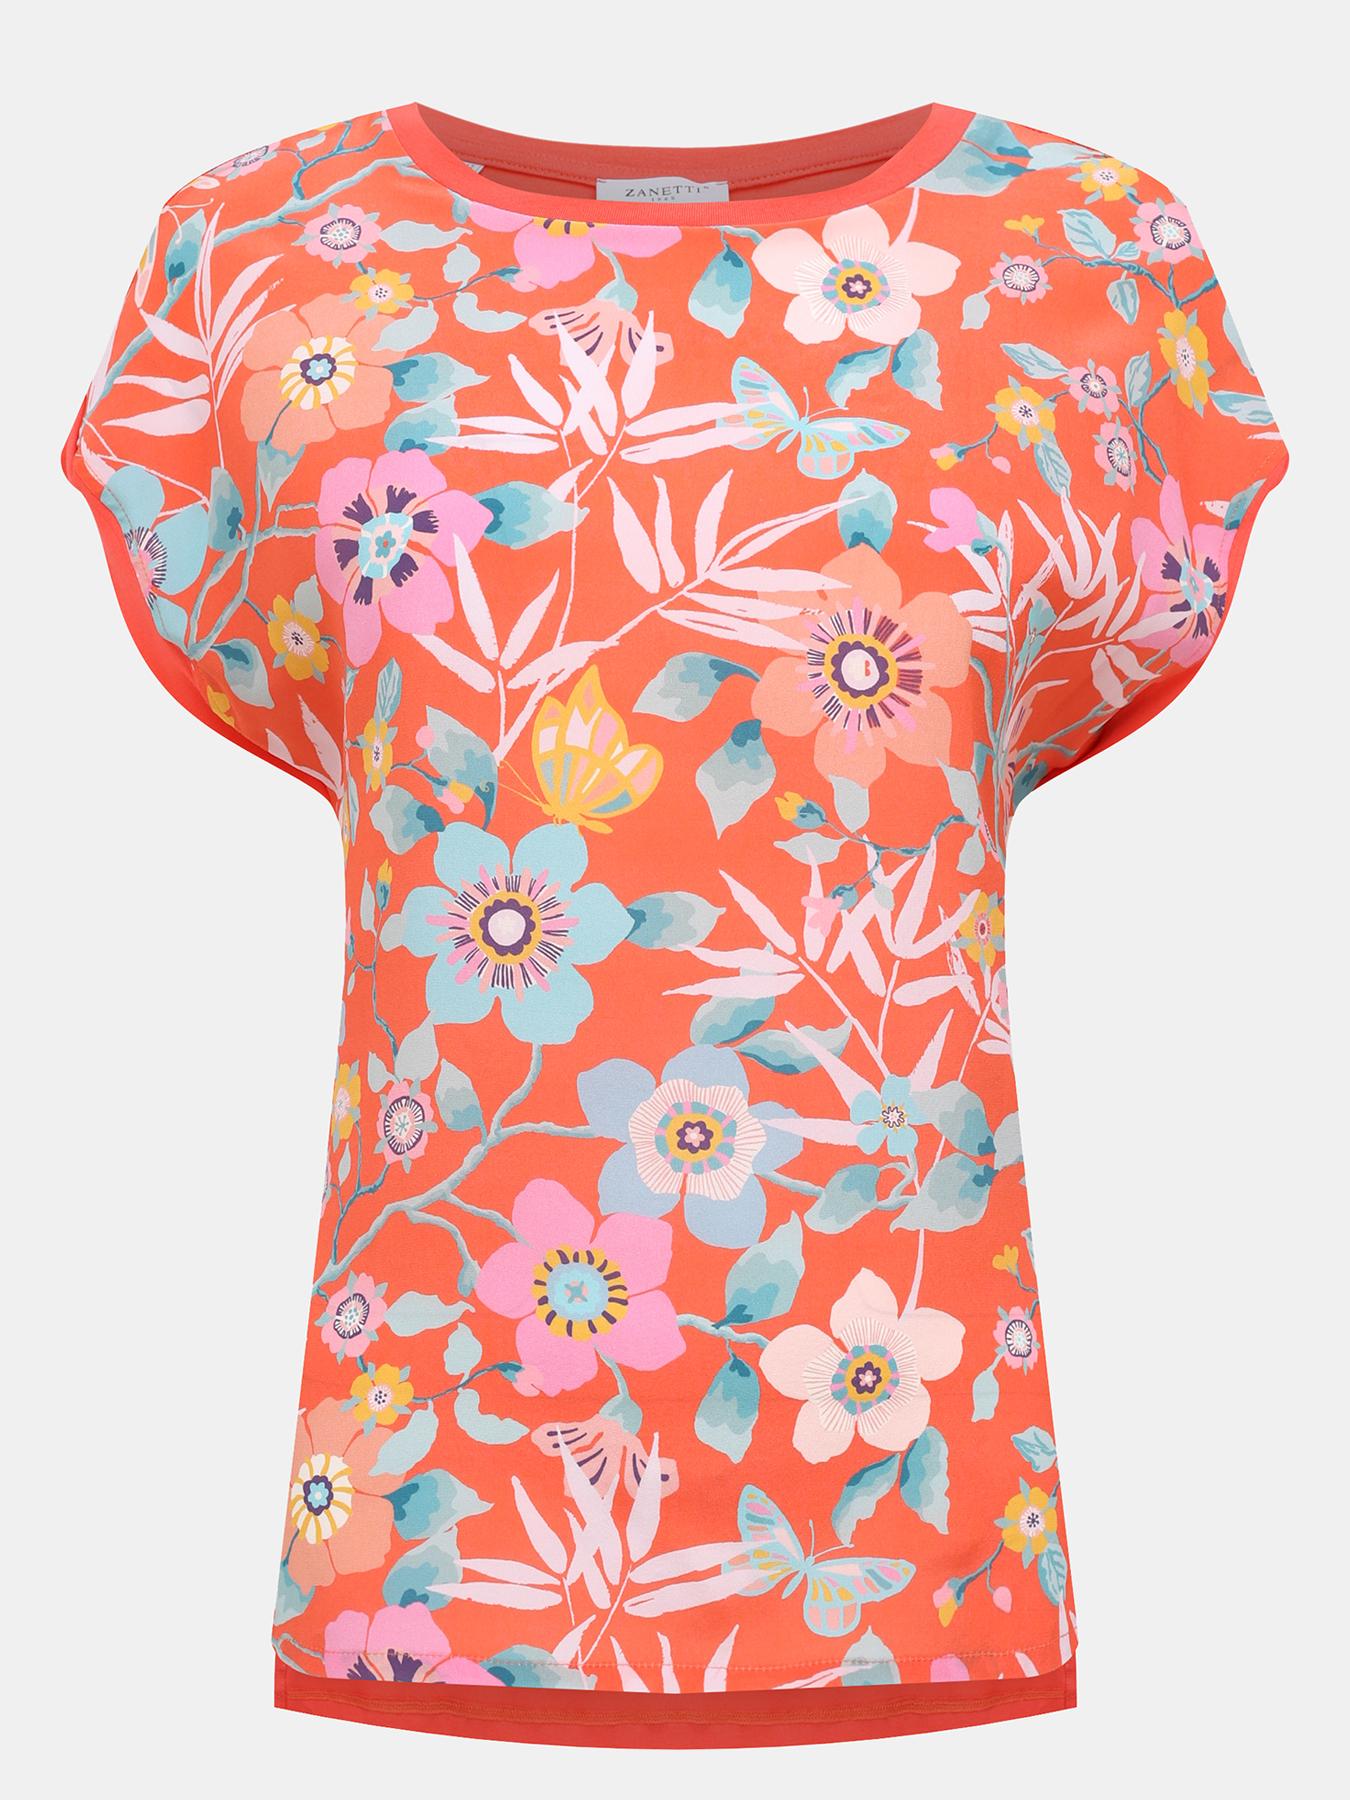 Фото - Блузки Zanetti Блуза zanetti 1965 короткое платье